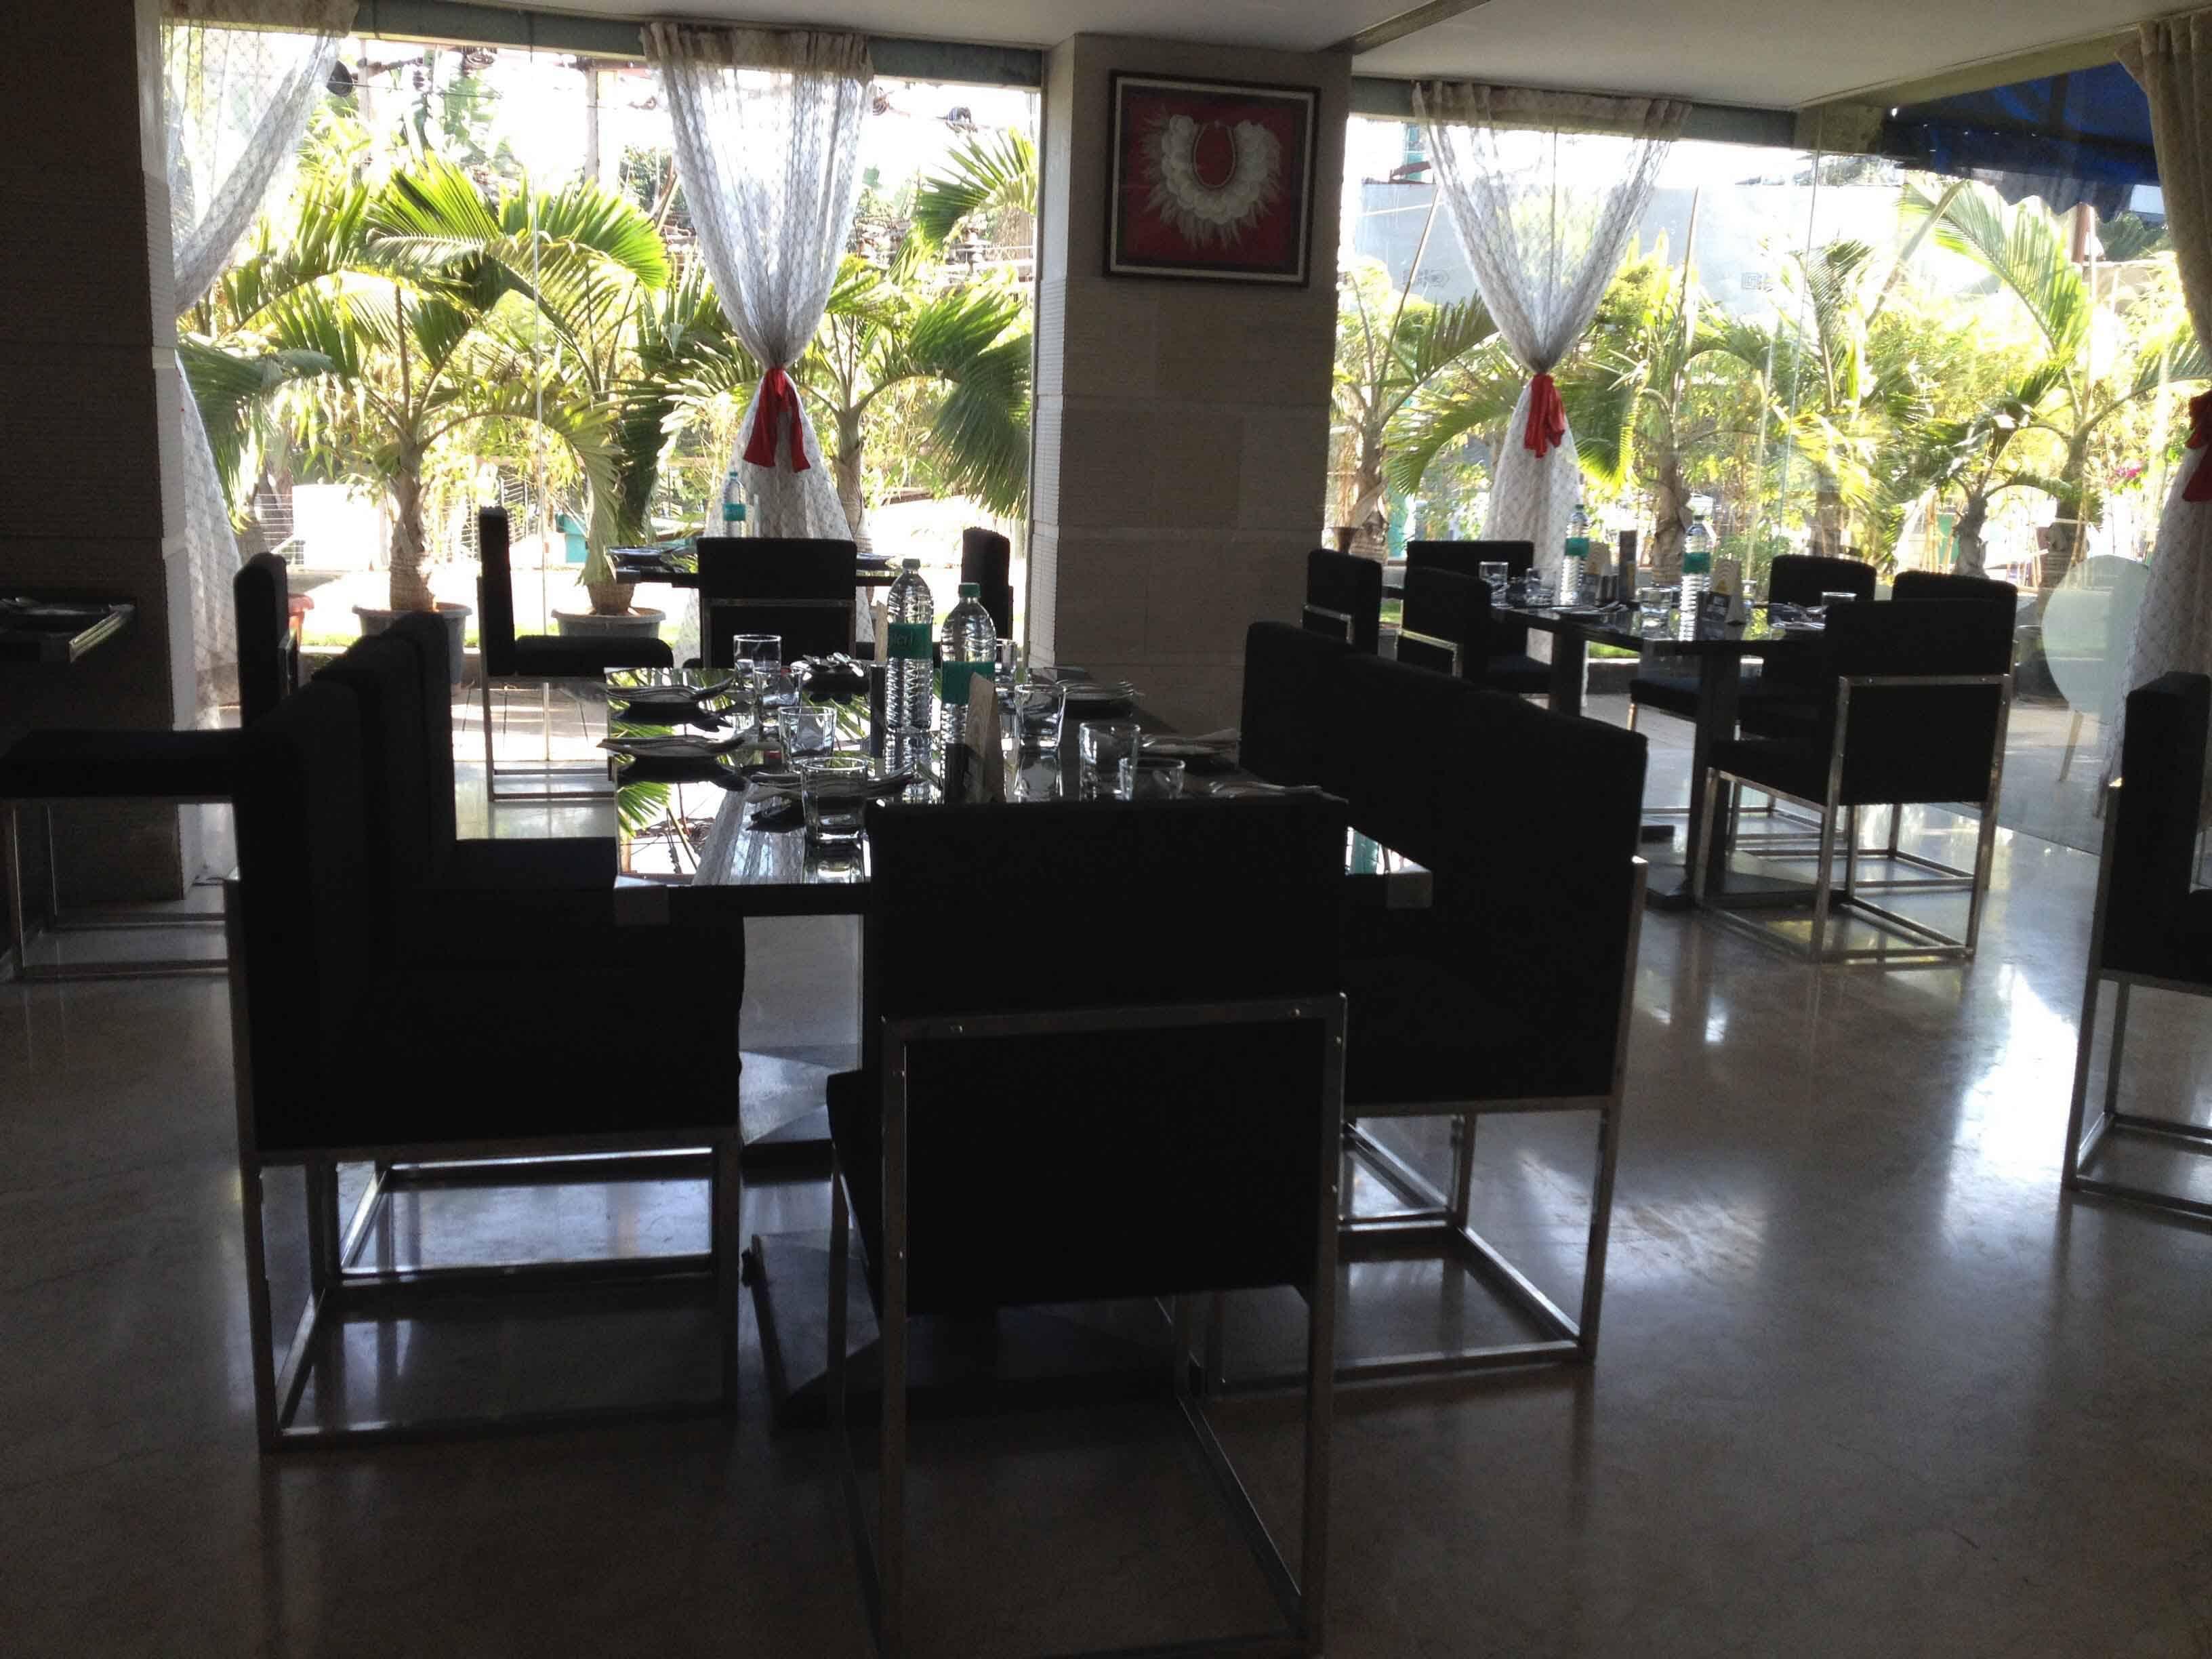 Mesa Cafe - Electronic City - Bangalore Image